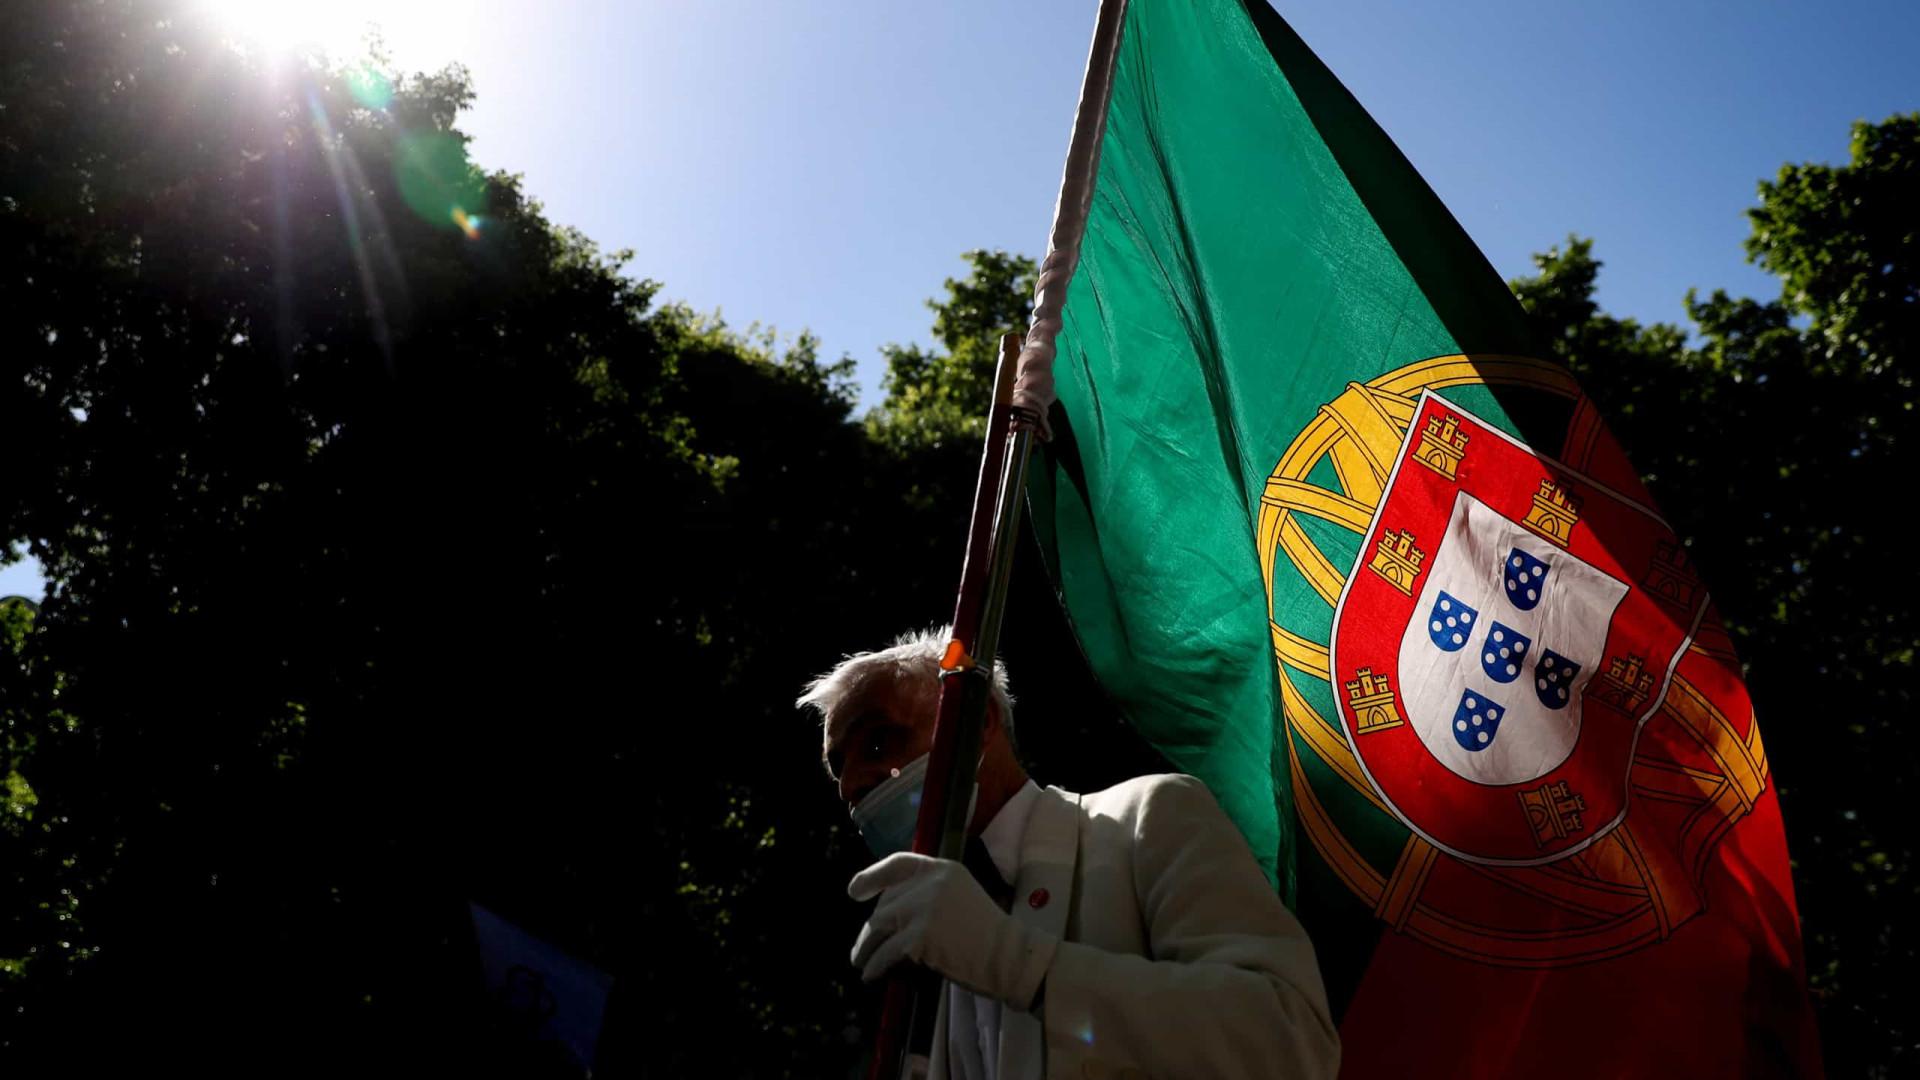 Dia da Língua Portuguesa comemorado com 150 atividades em 44 países